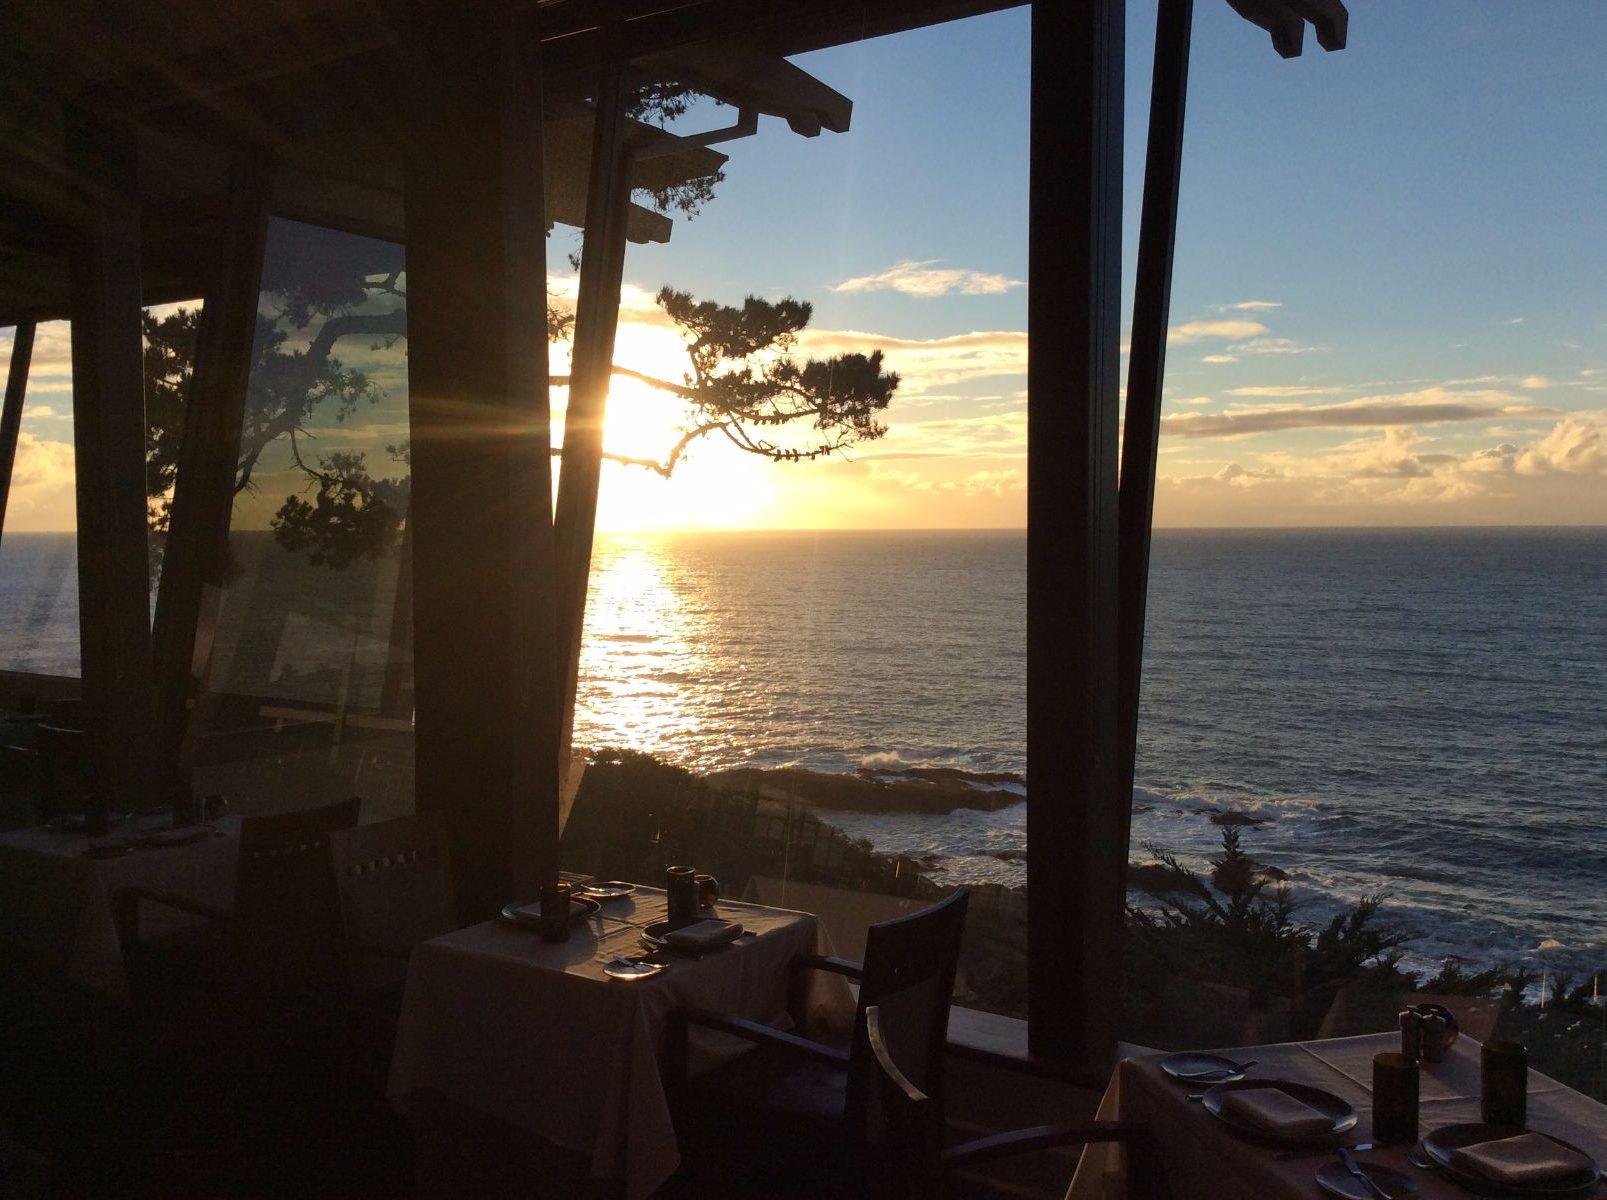 Hyatt Carmel Highlands Inn Lounge restaurant ocean view